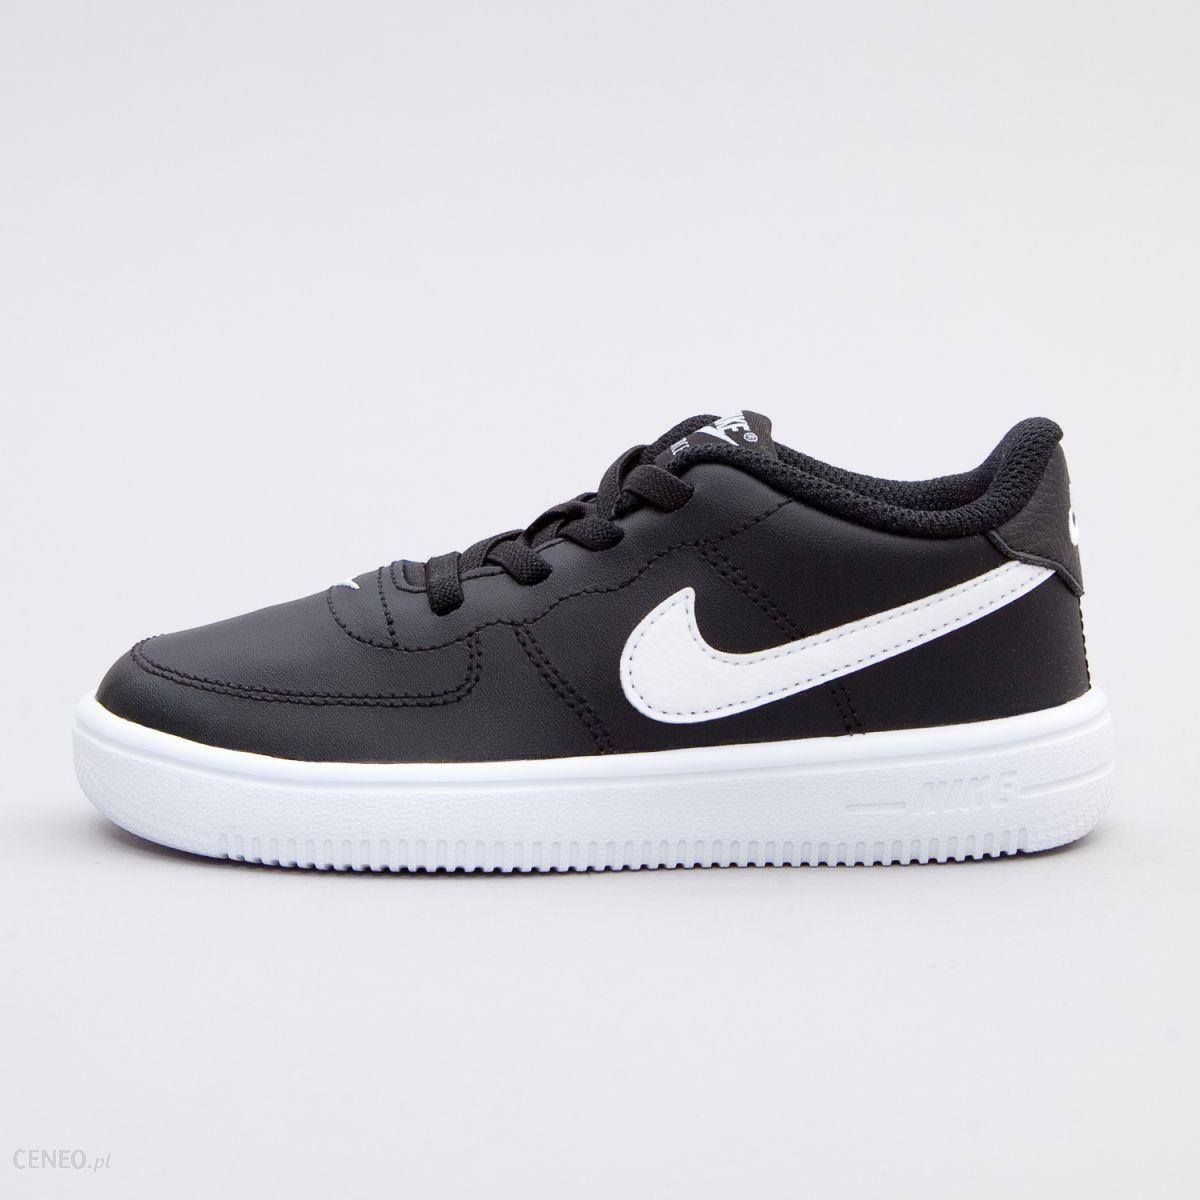 Nike Force 1 '18 (TD) 905220 002 Ceny i opinie Ceneo.pl